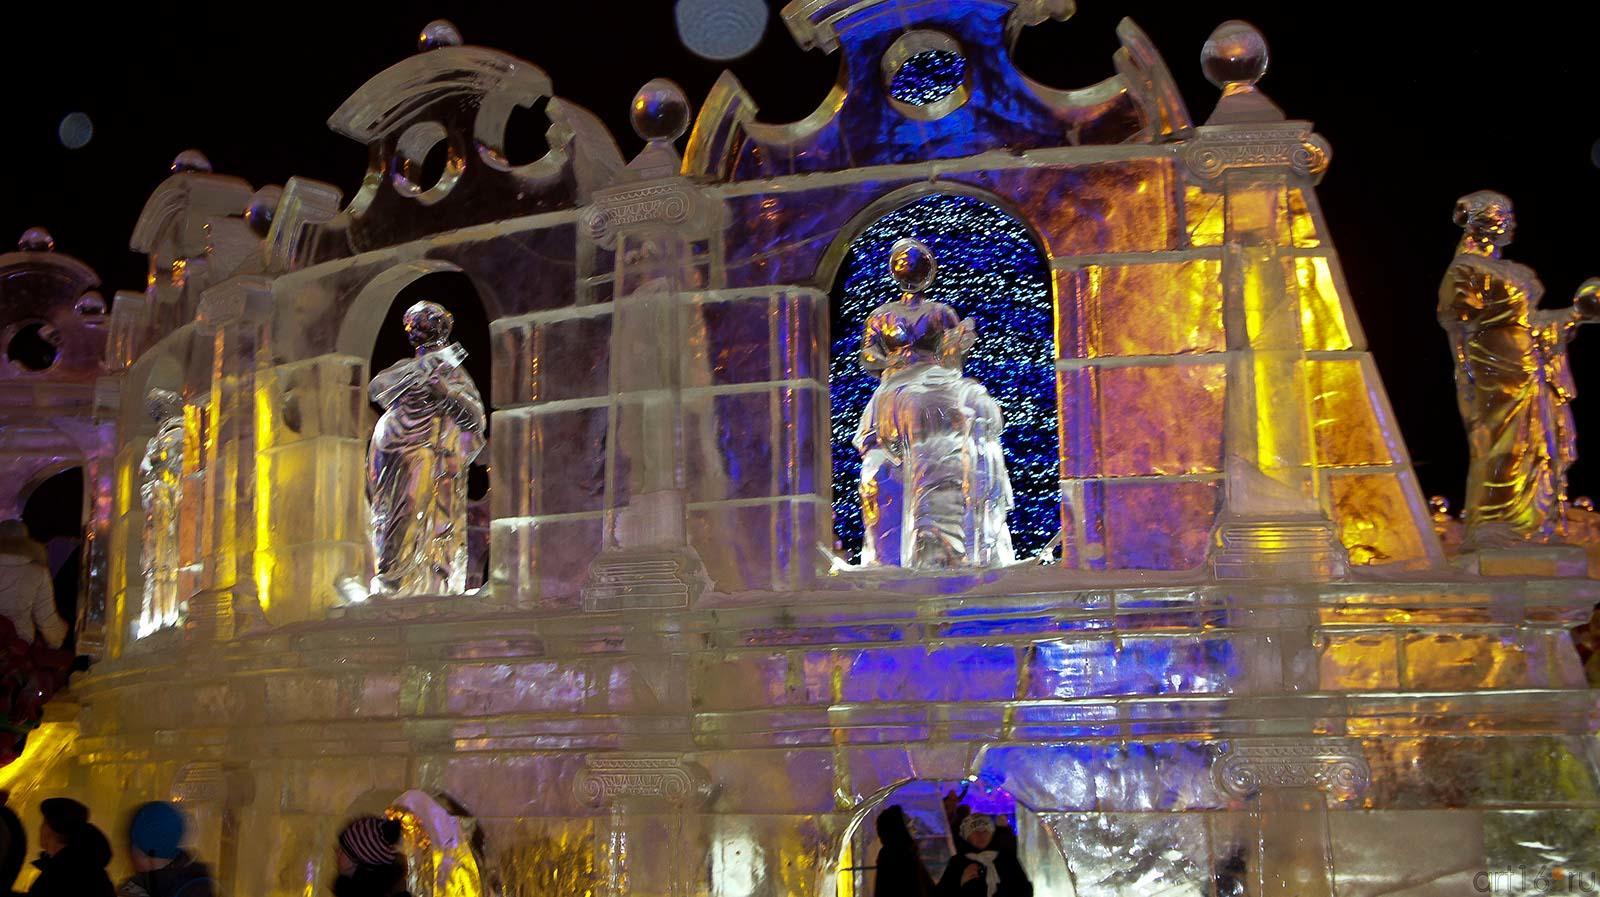 Ледяной античный театр. Эспланада. Пермь. Январь 2012::Прогулка по Перми